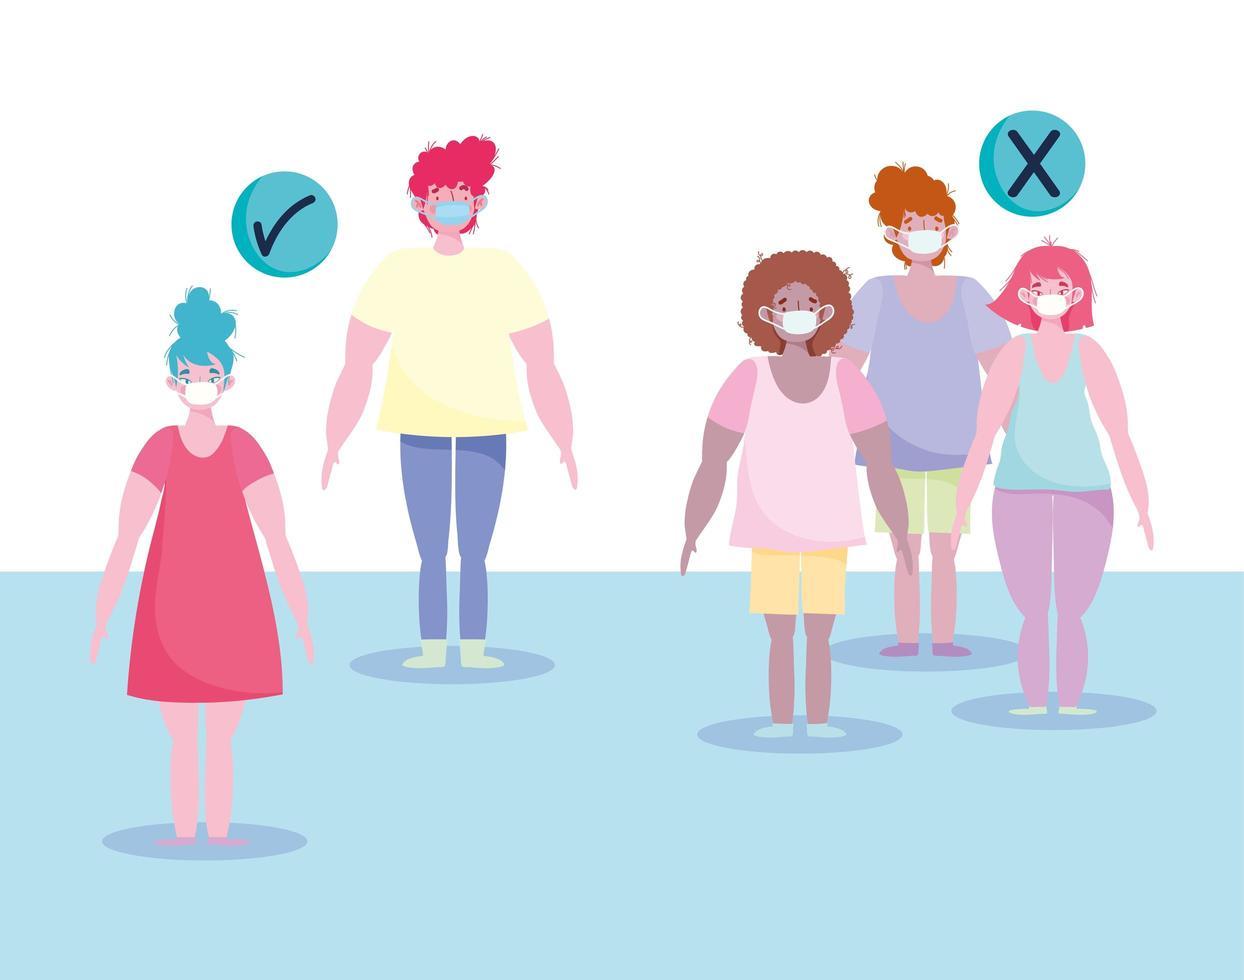 maneira correta de praticar o design do distanciamento social vetor